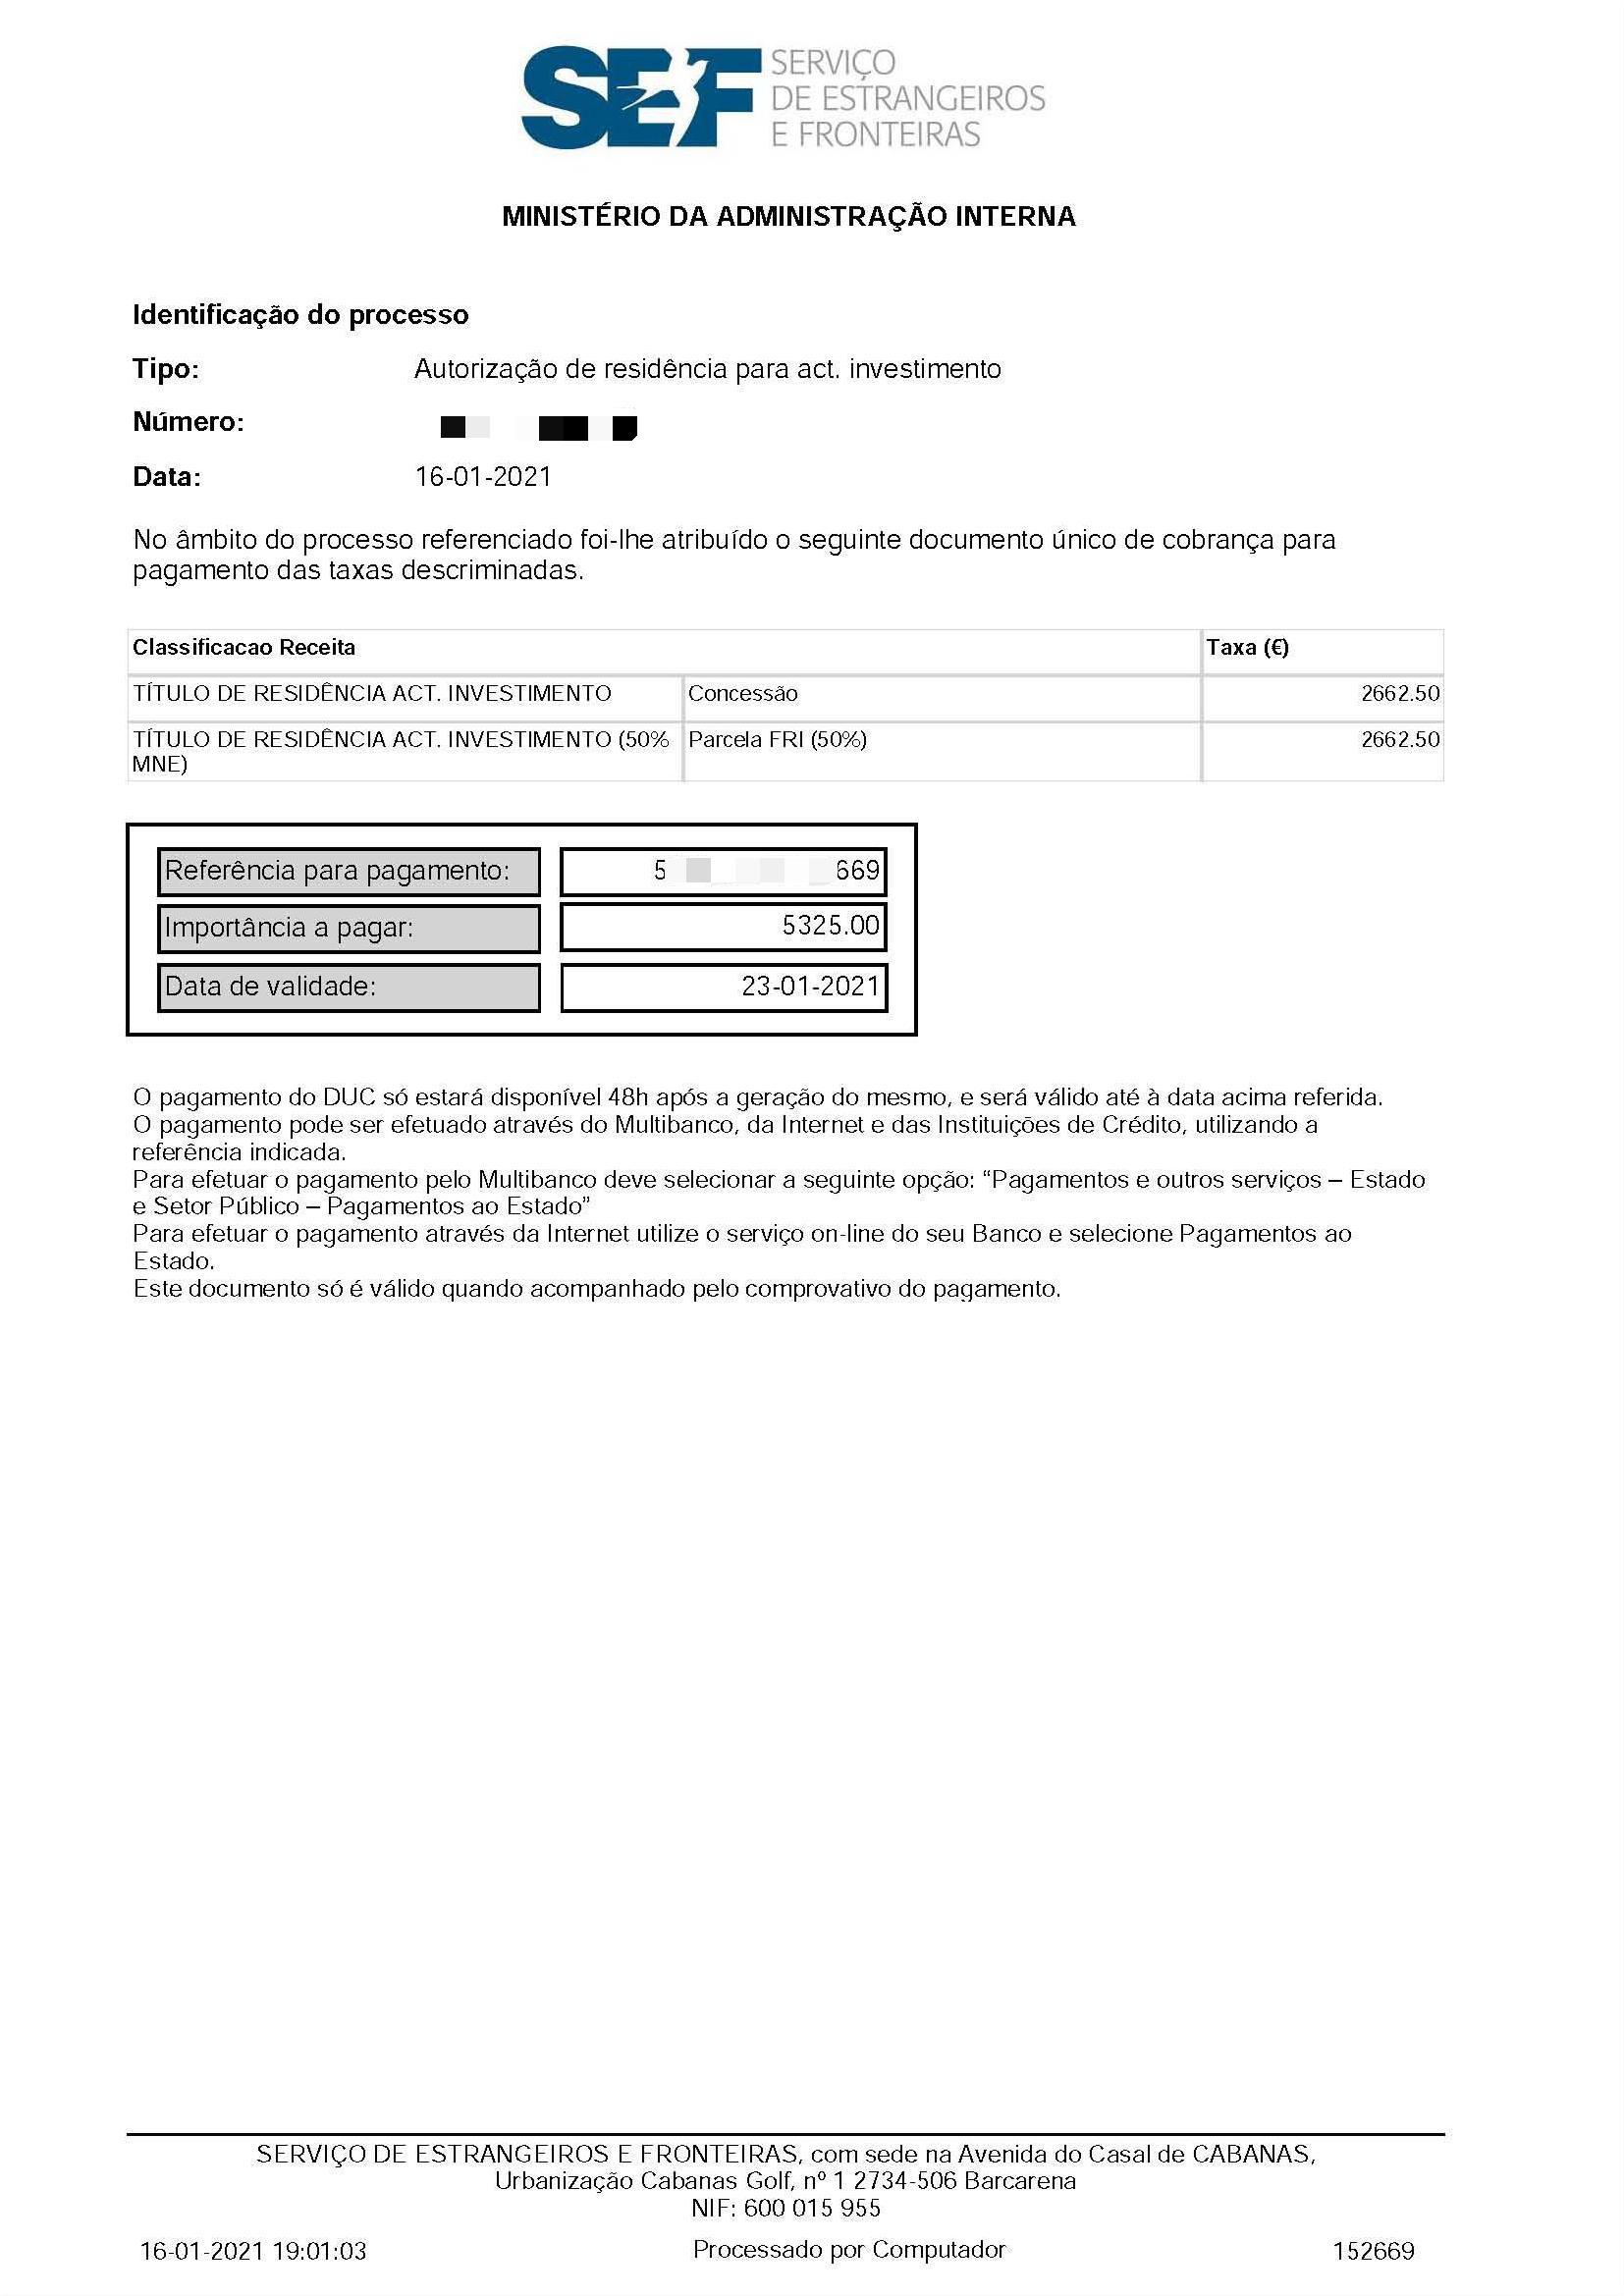 葡萄牙基金移民成功案例2021.02